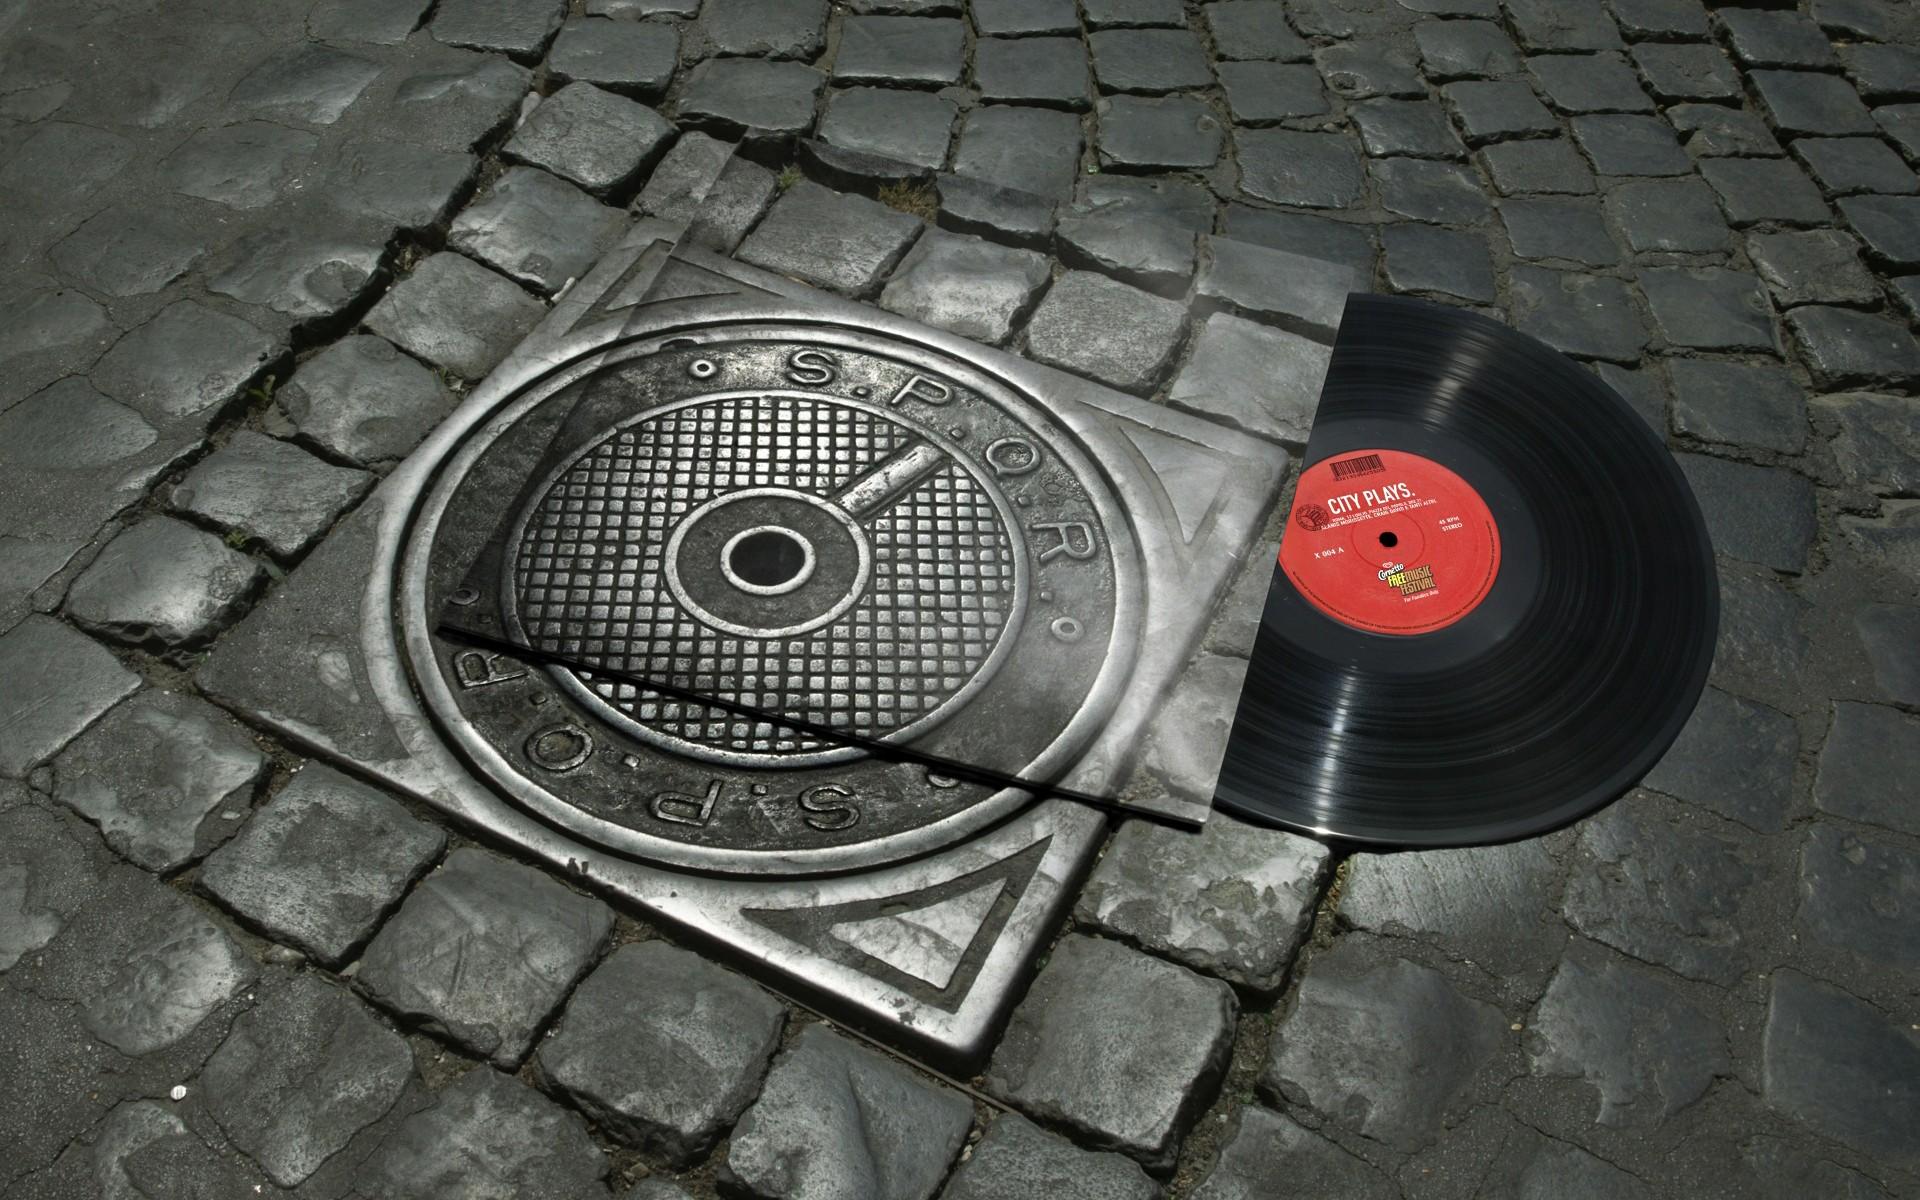 Music Vinyl Rome Asphalt Disc Spqr Wallpaper 1920x1200 8877